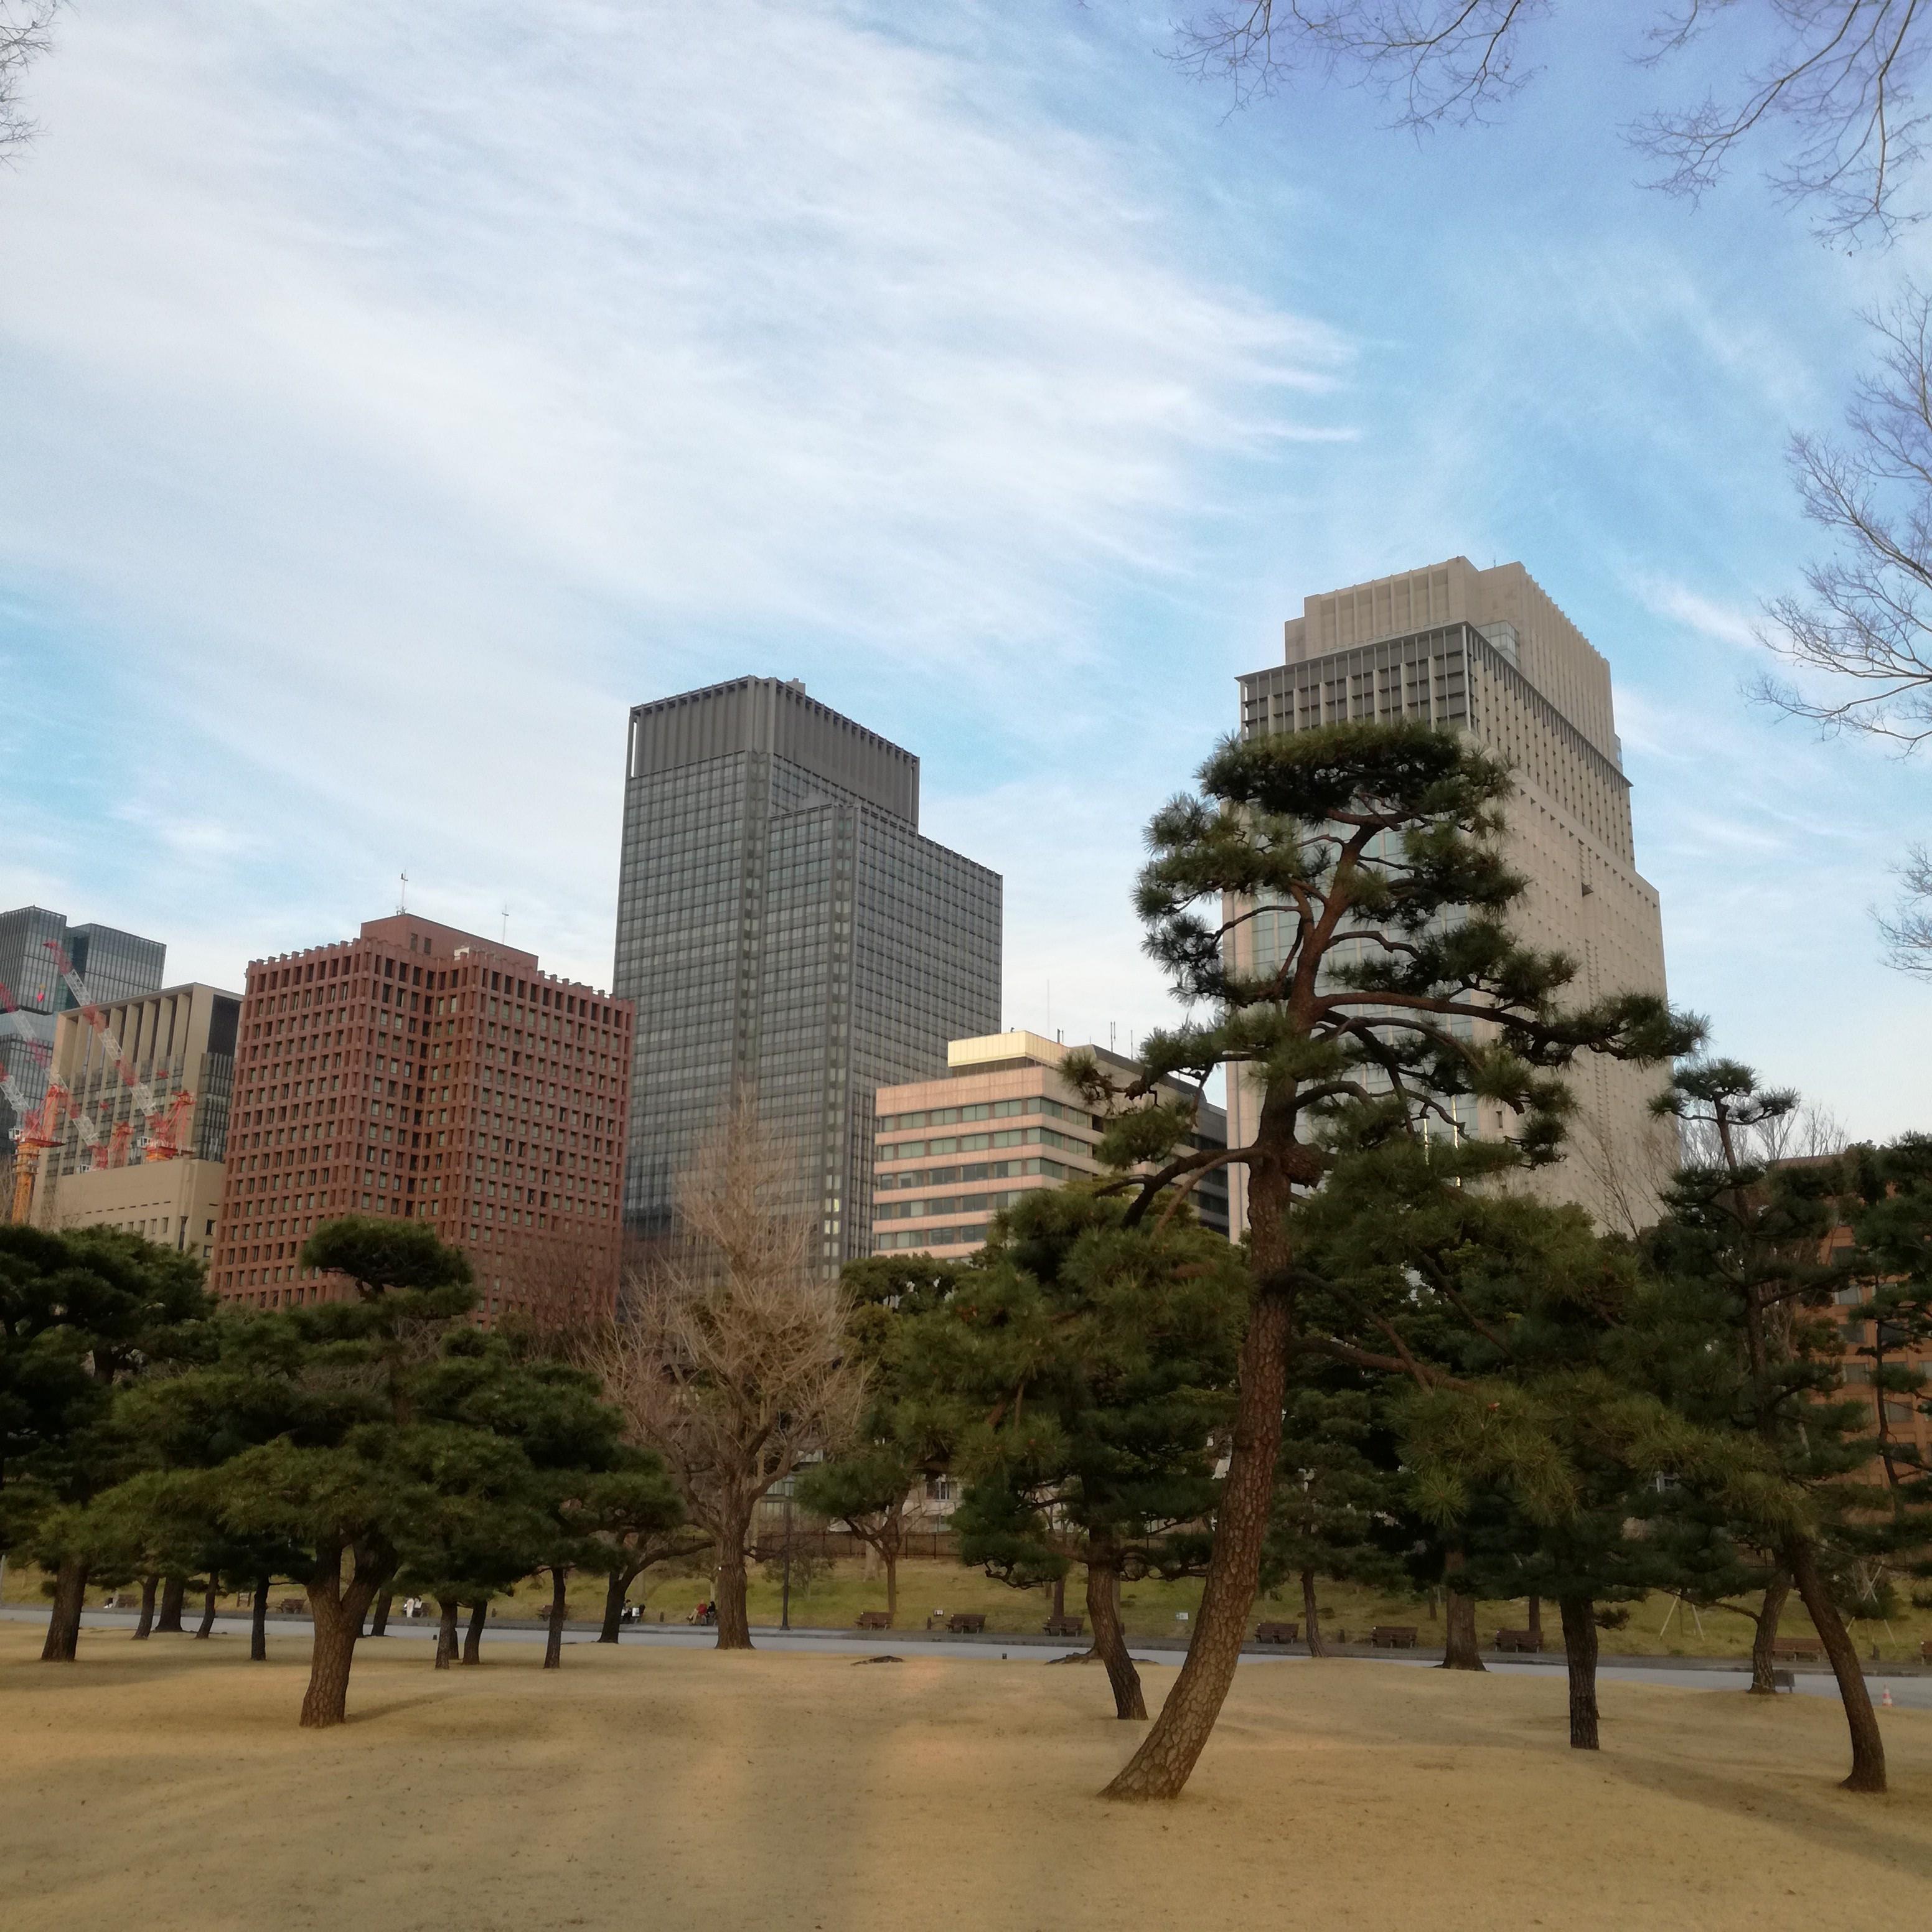 f:id:masakiwasada:20190226122551j:image